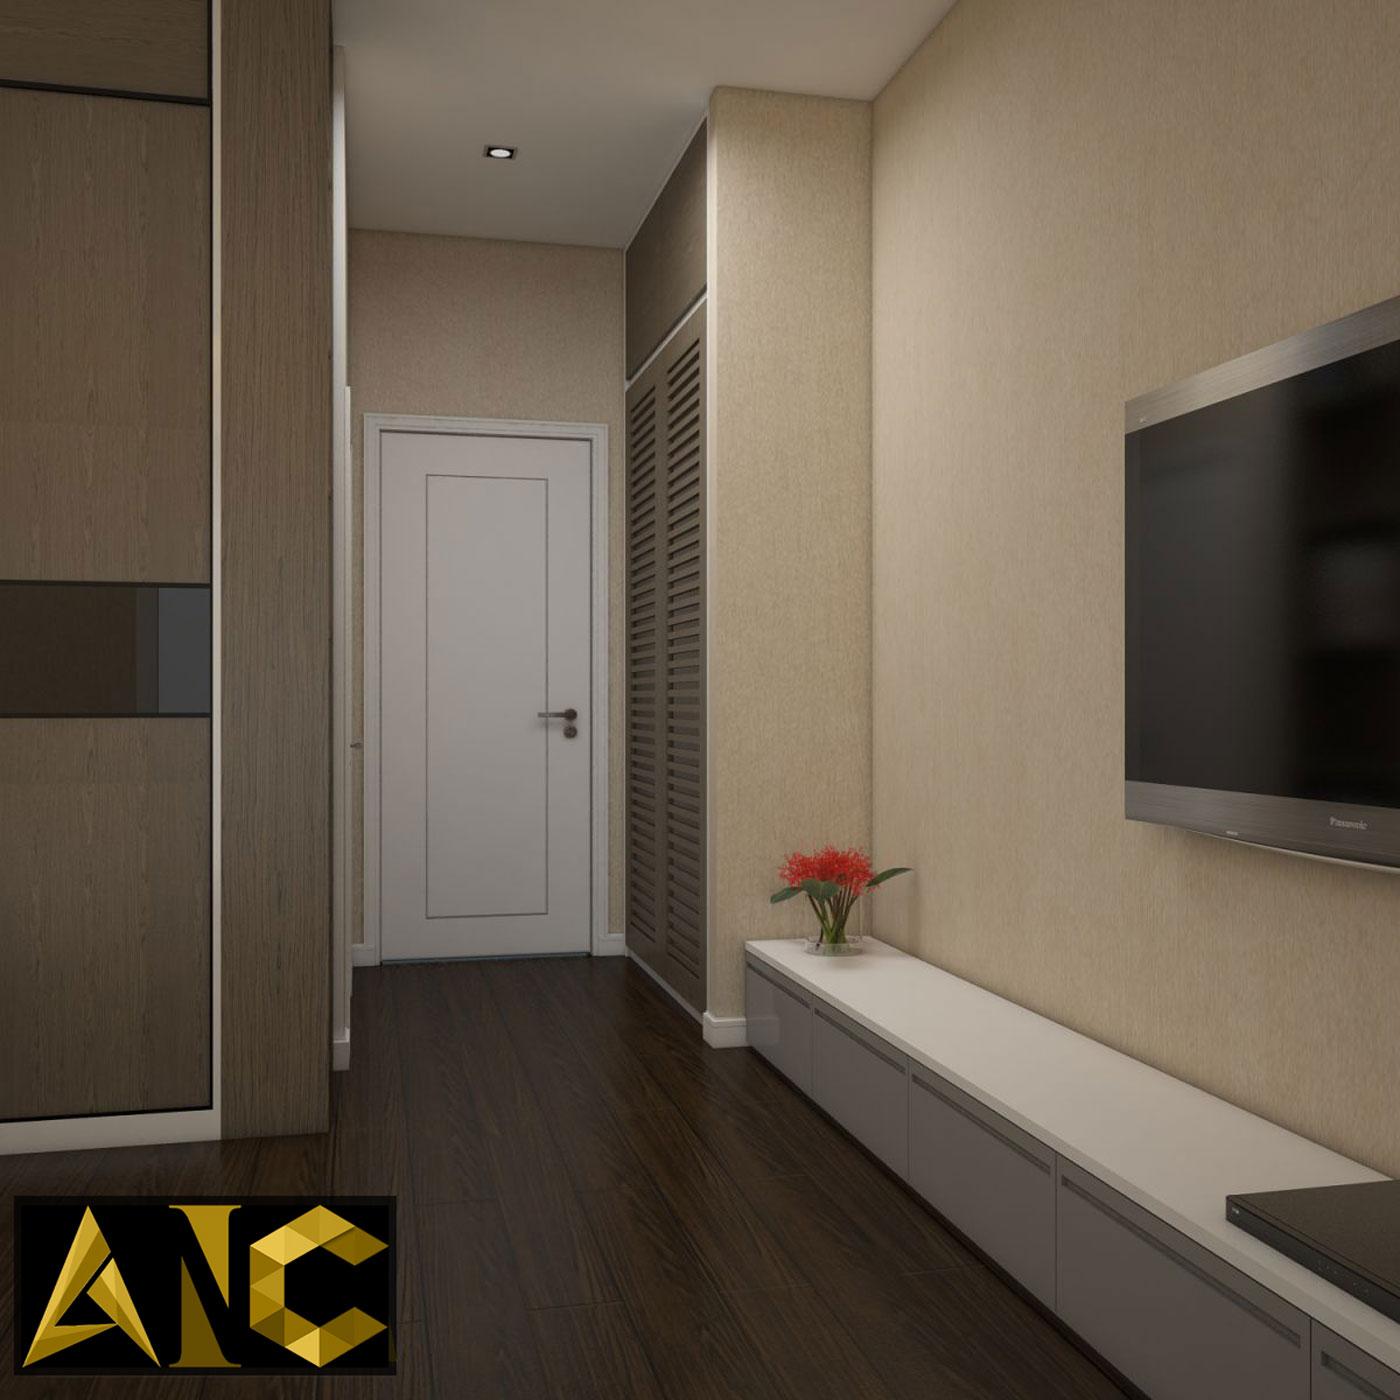 Cải tạo nhà phố Q7 - Phòng master view 2